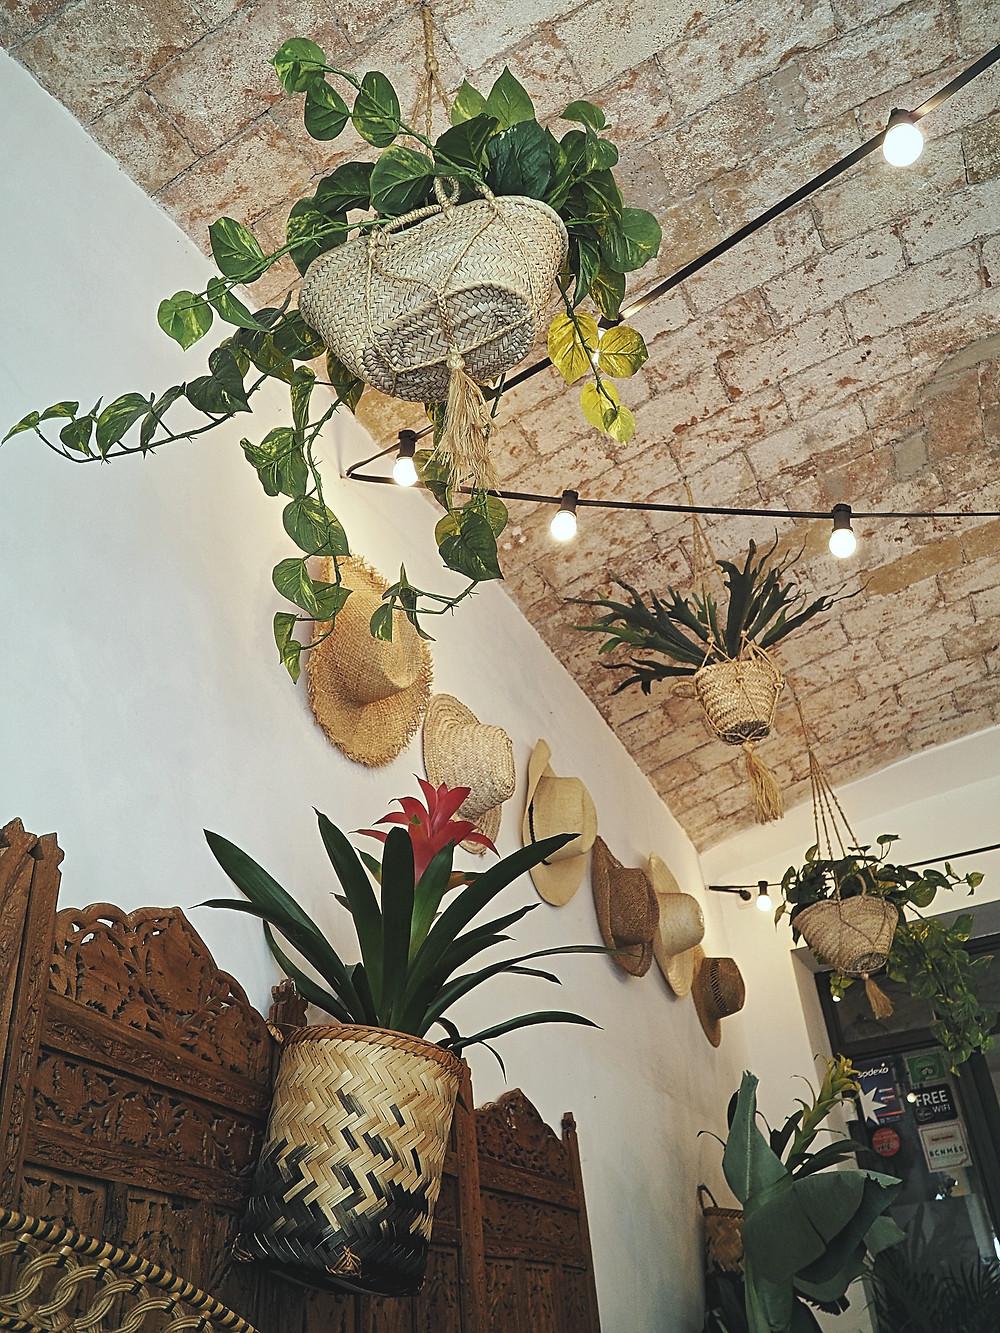 brunch tropical, Barcelona, trópico, gastrocuentos, plantas, salvaje, viajar